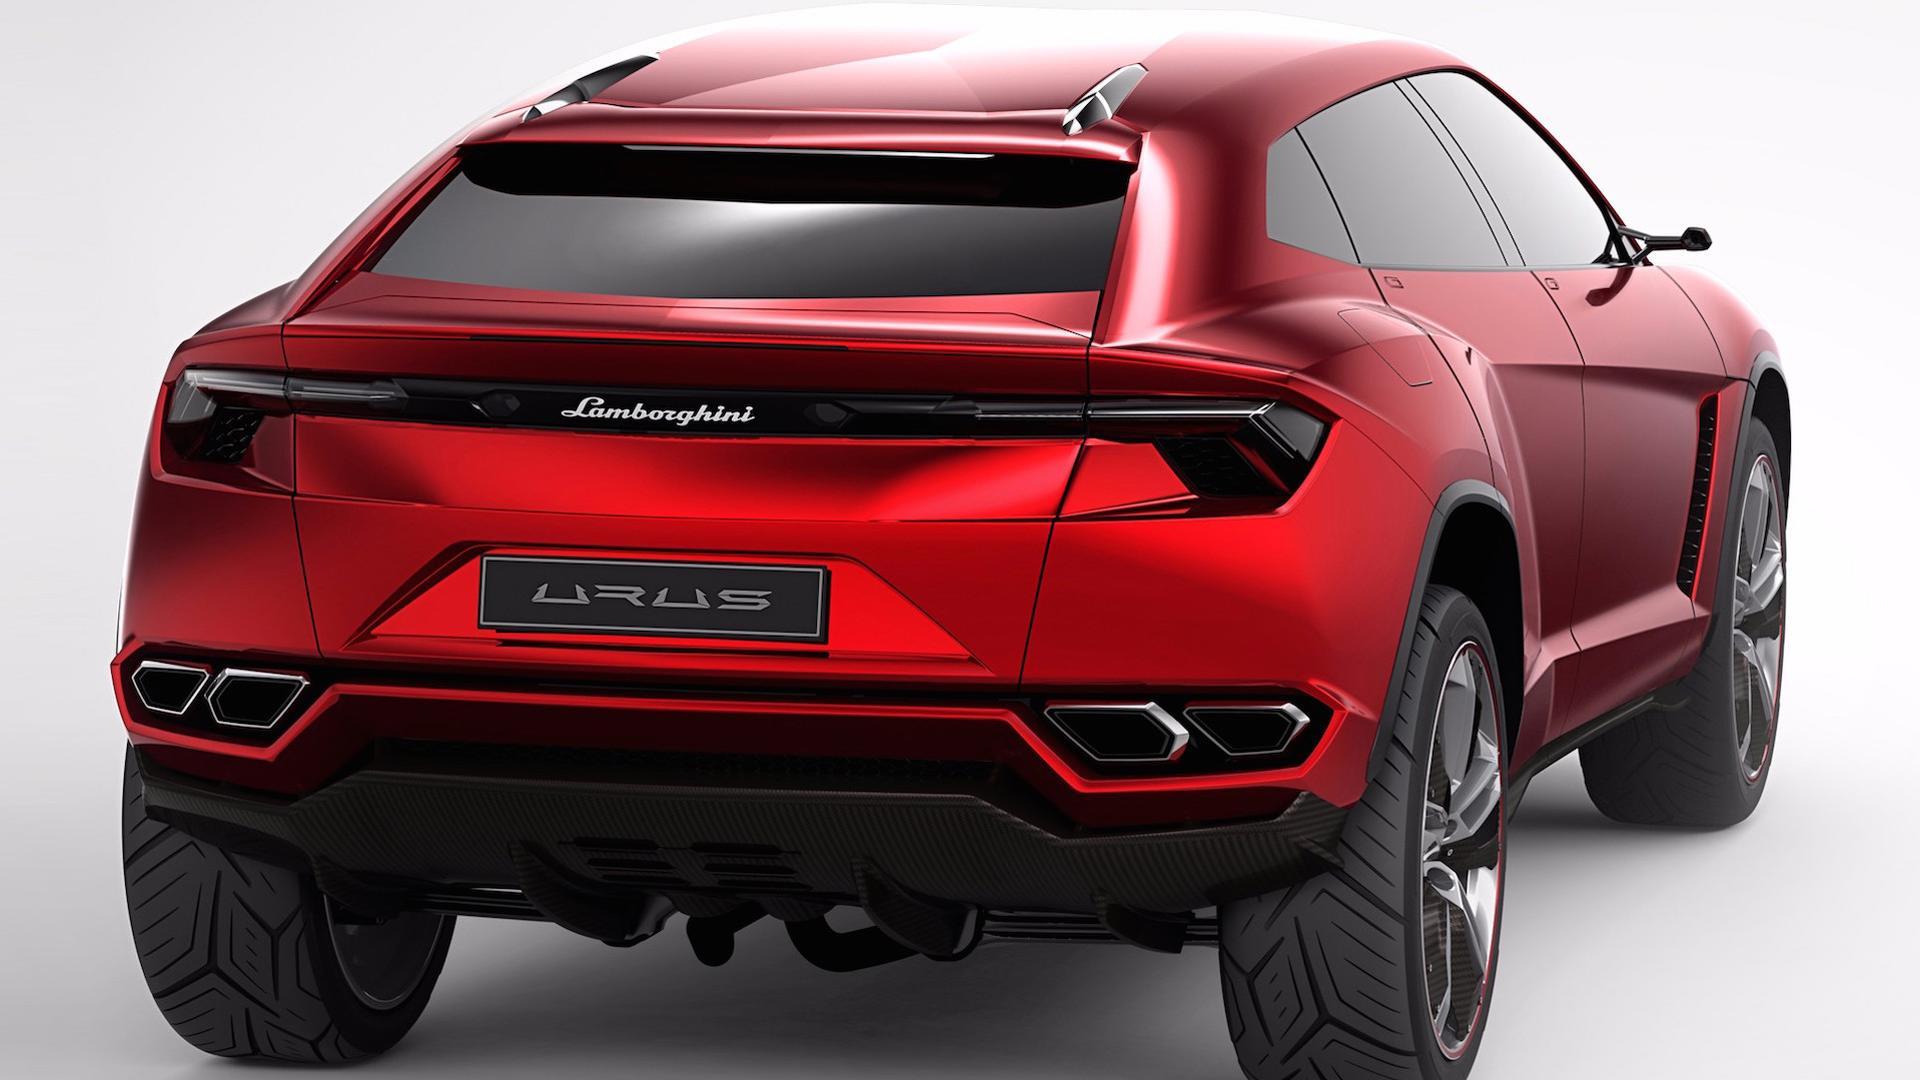 2019 Lamborghini Urus: Everything We Know